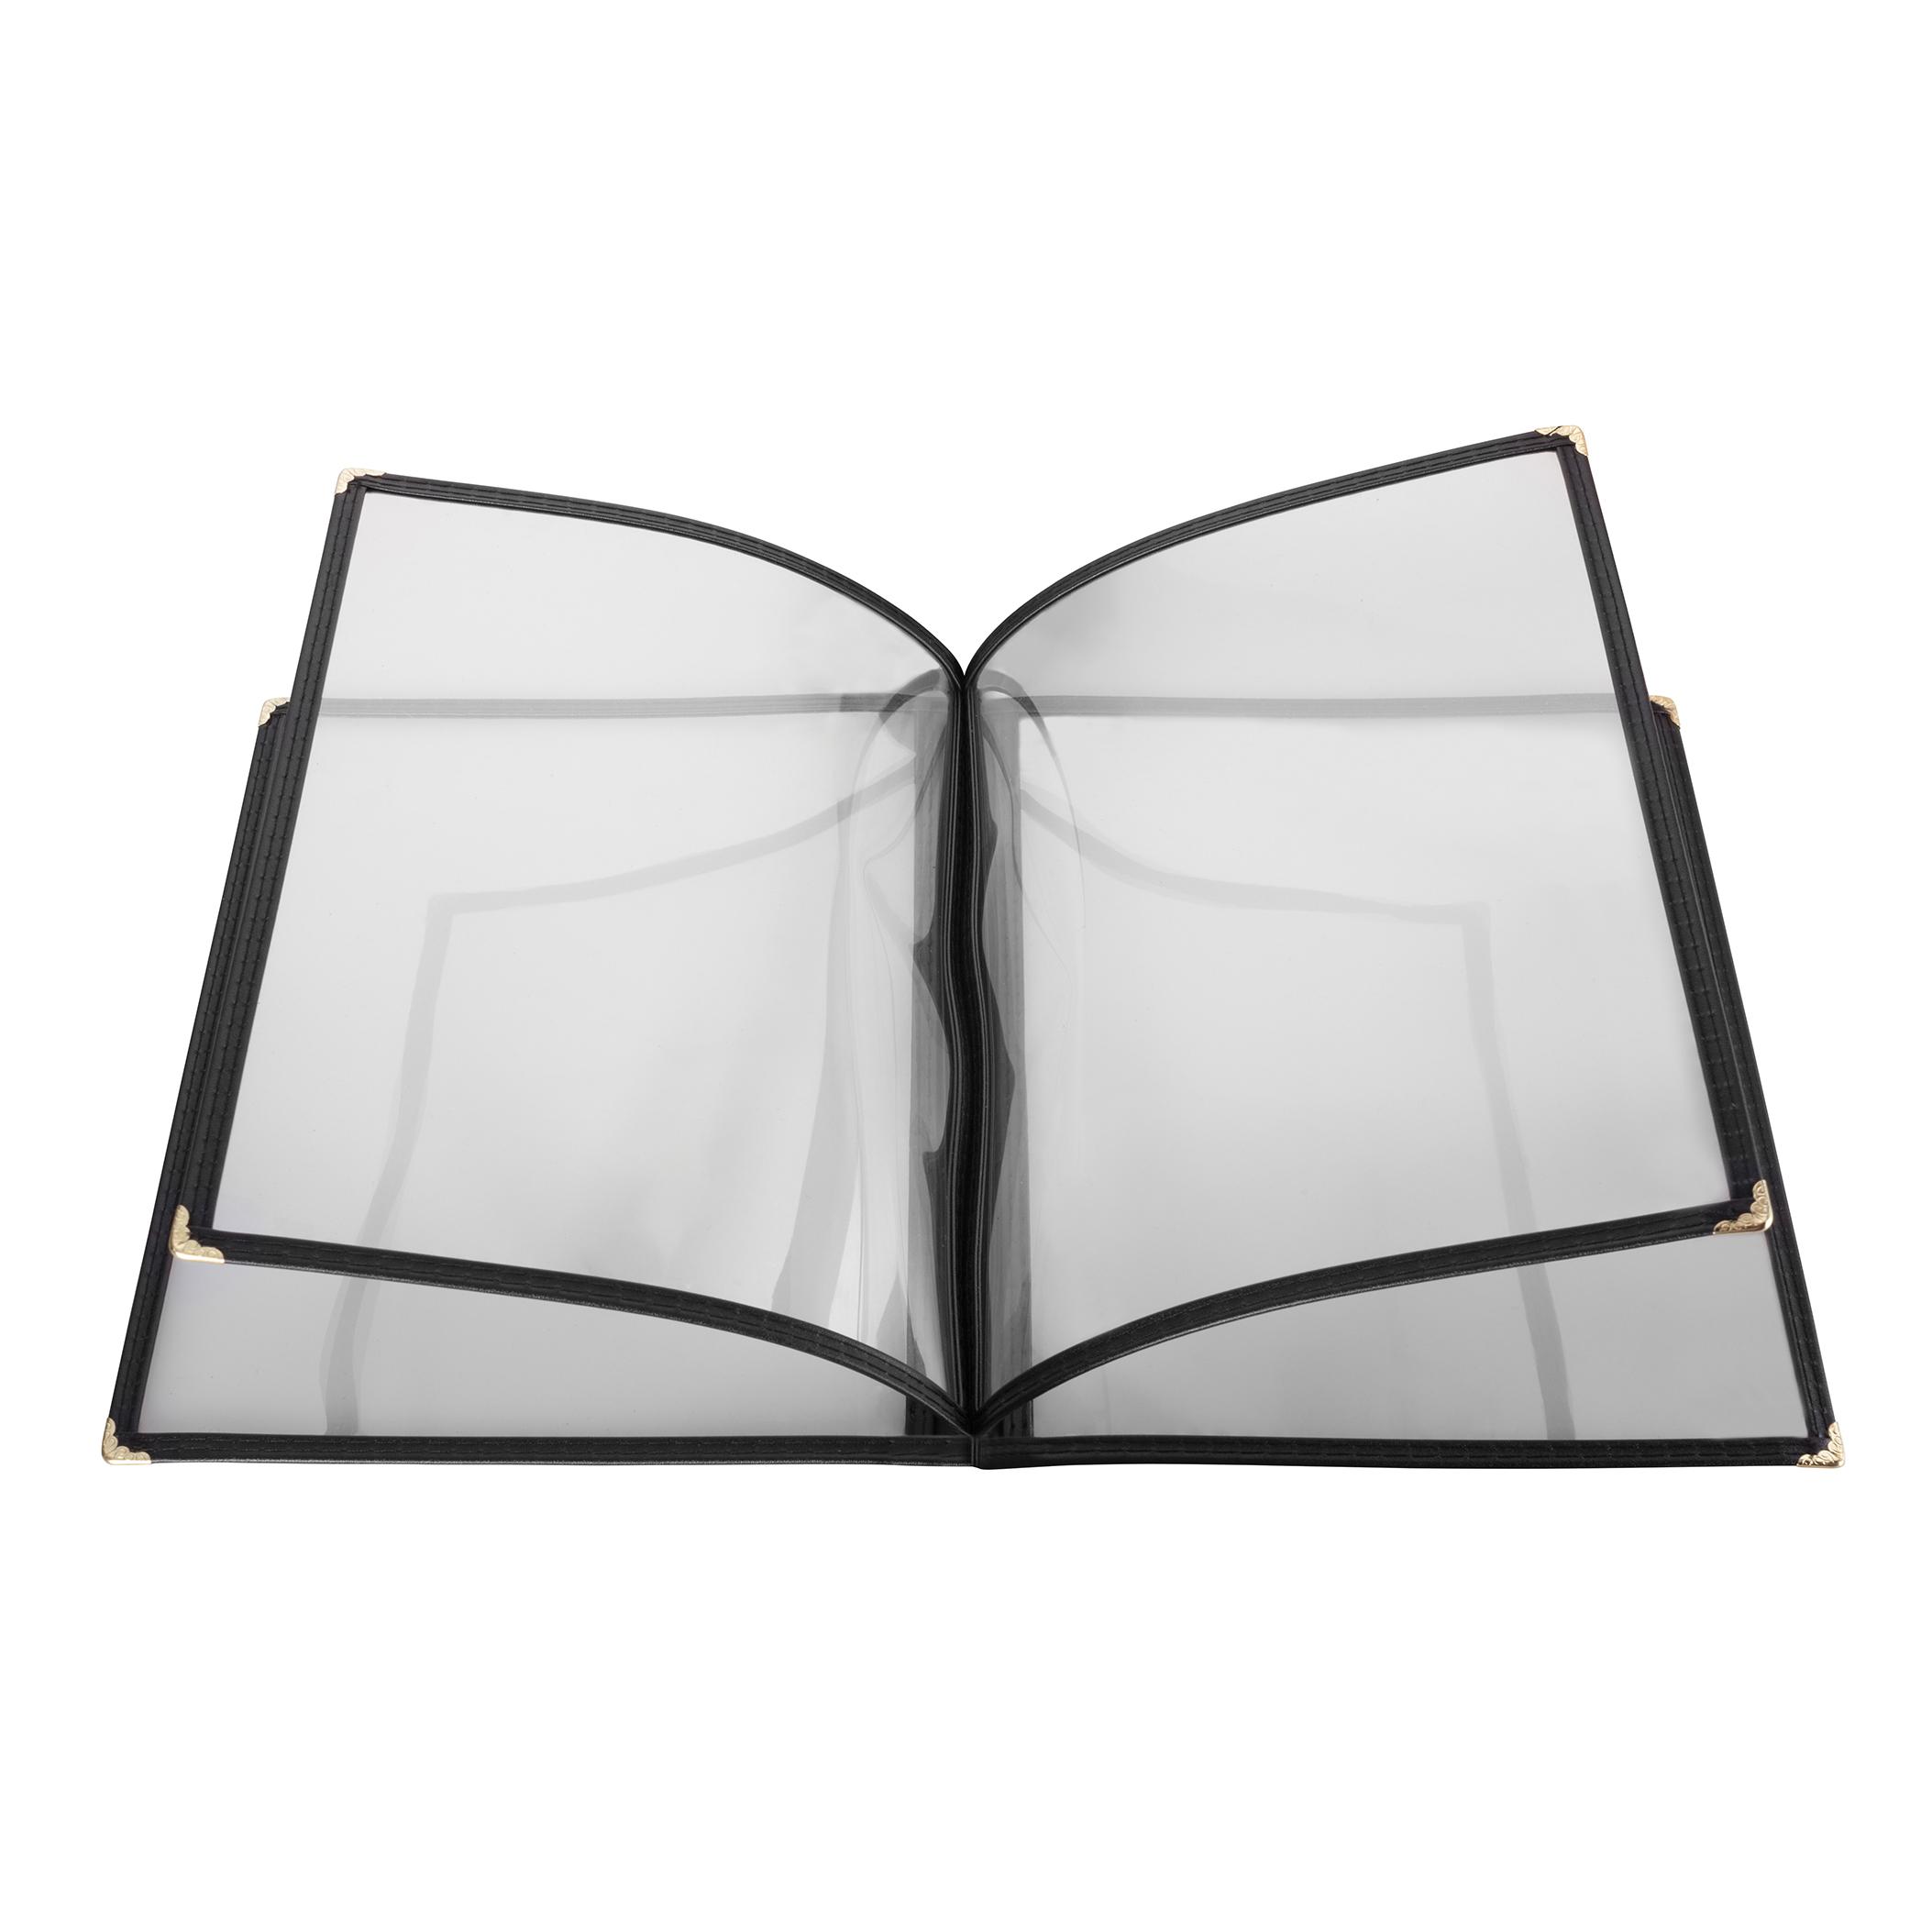 Winco PMCF-9K menu cover